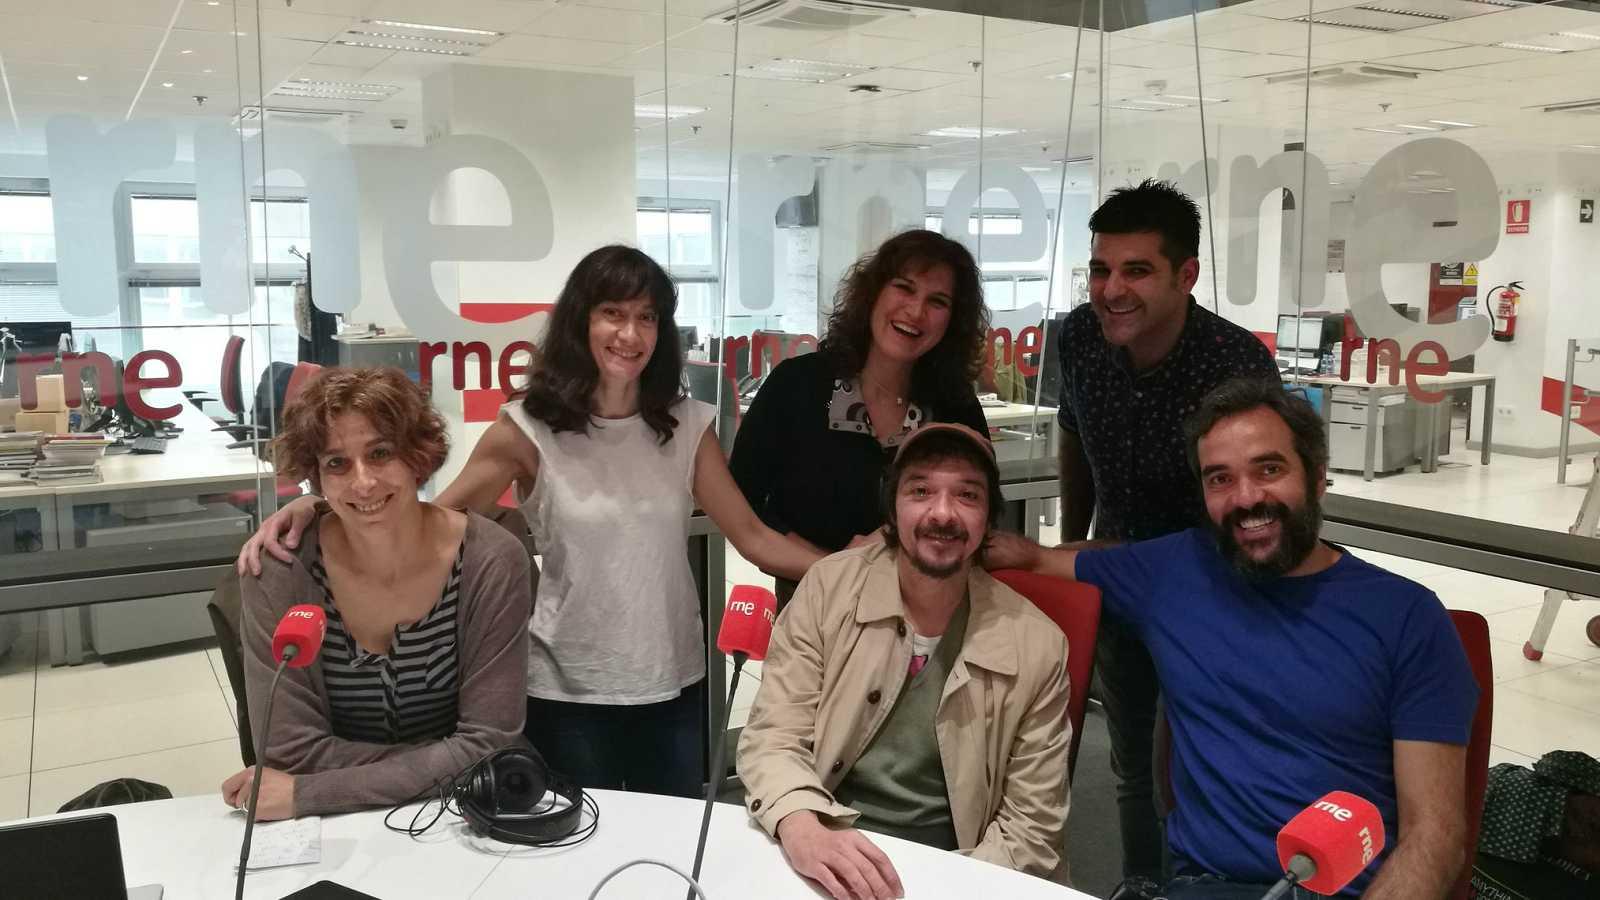 La sala - Nos emocionamos con los seis actores de 'La ternura', de Alfredo Sanzol - 08/06/18 - Escuchar ahora